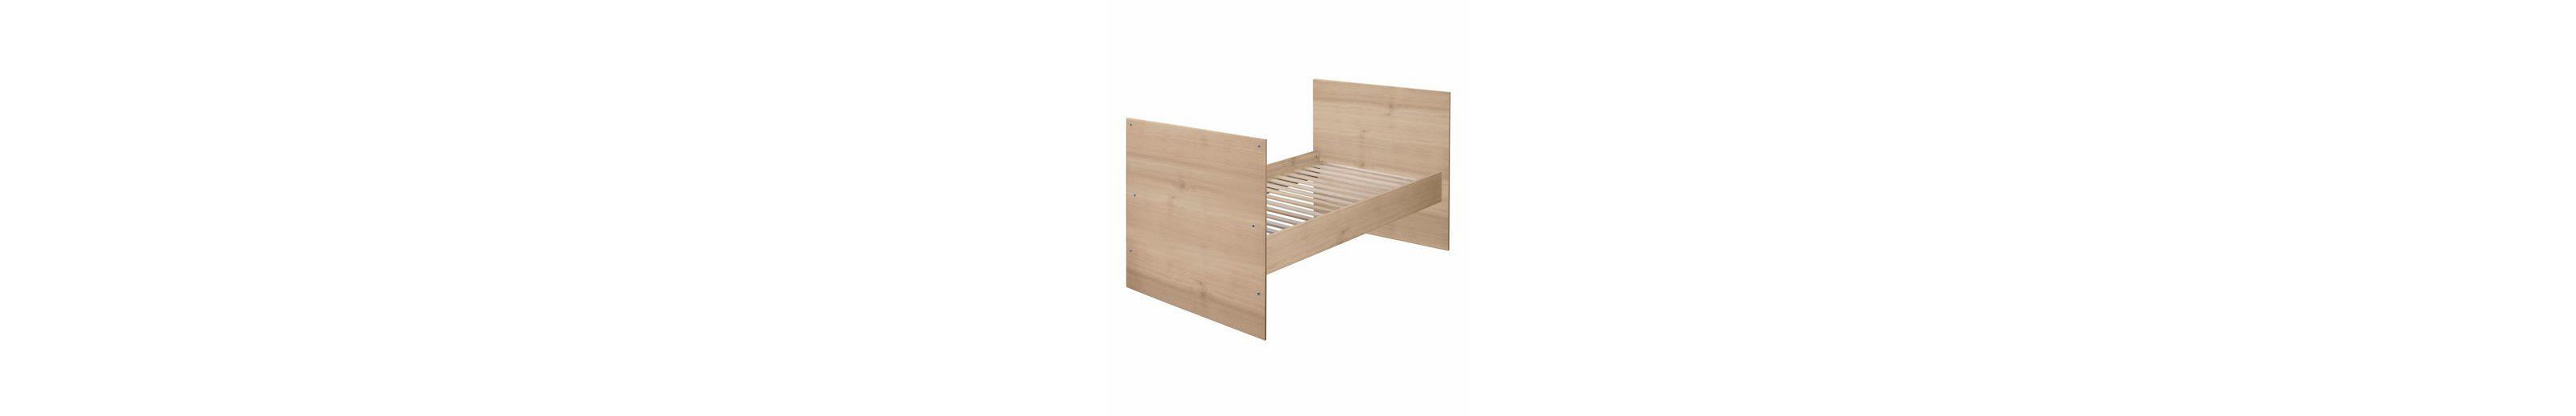 Umbauseiten zum Juniorbett für das Babybett »Sven«, in edelbuche